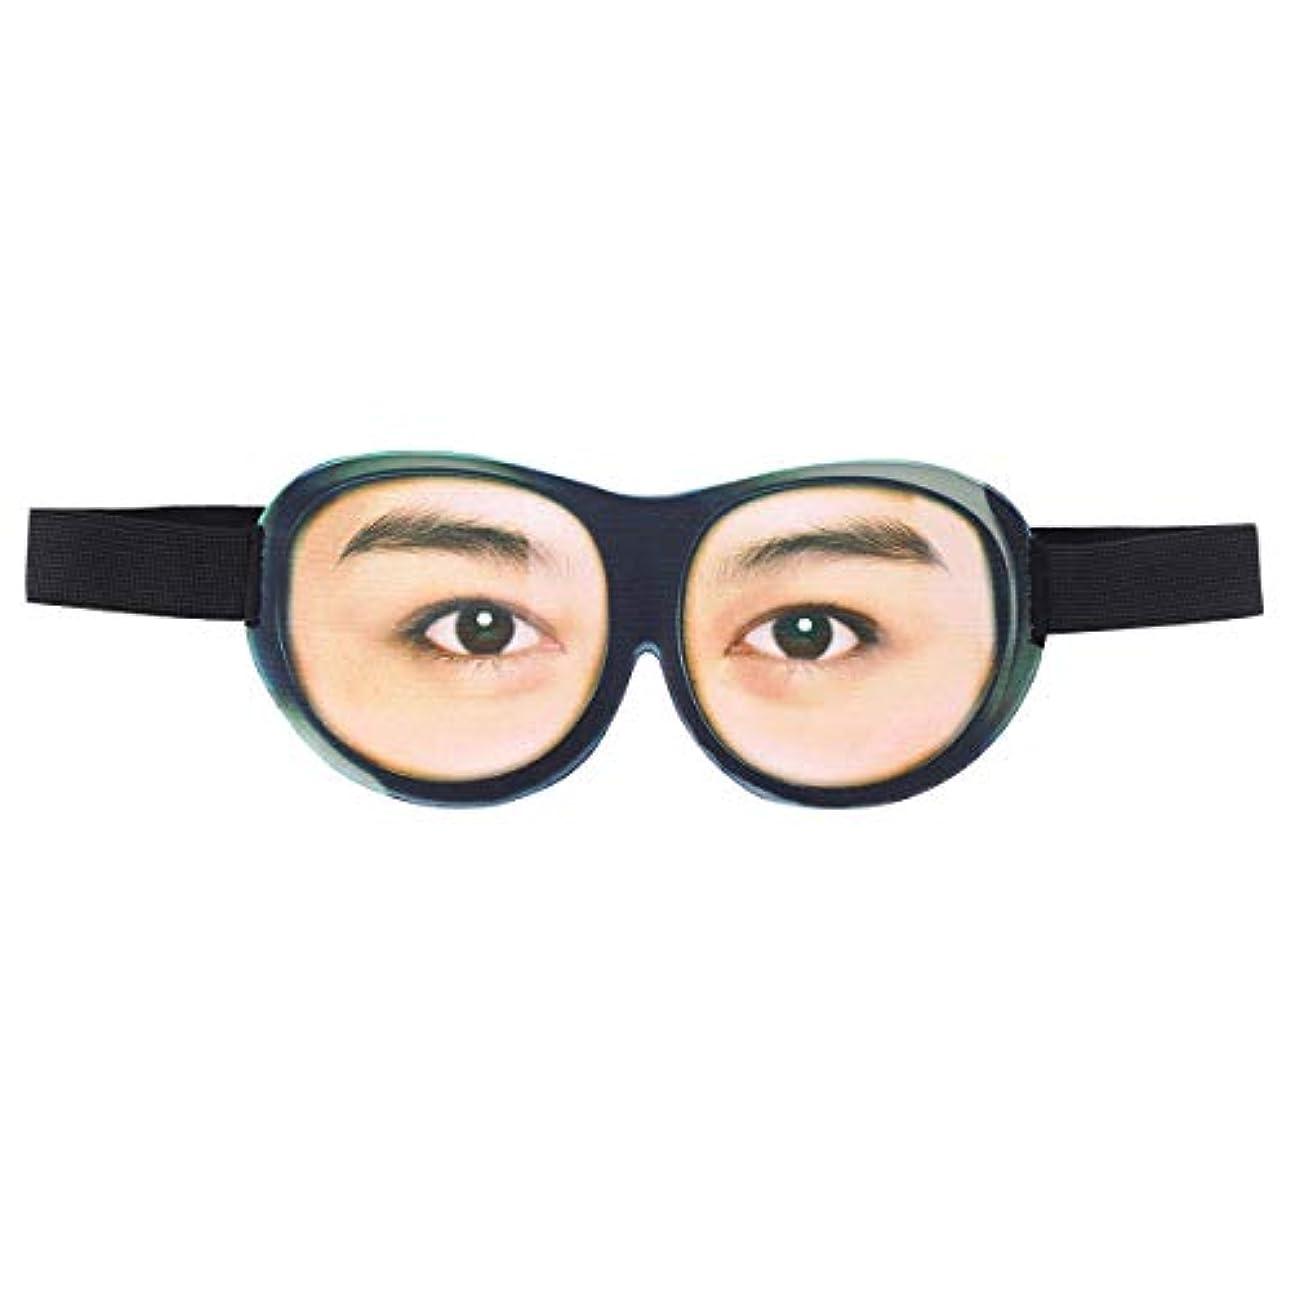 対抗ではごきげんよう怪しいHealifty 睡眠目隠し3D面白いアイシェード通気性睡眠マスク旅行睡眠ヘルパーアイシェード用男性と女性